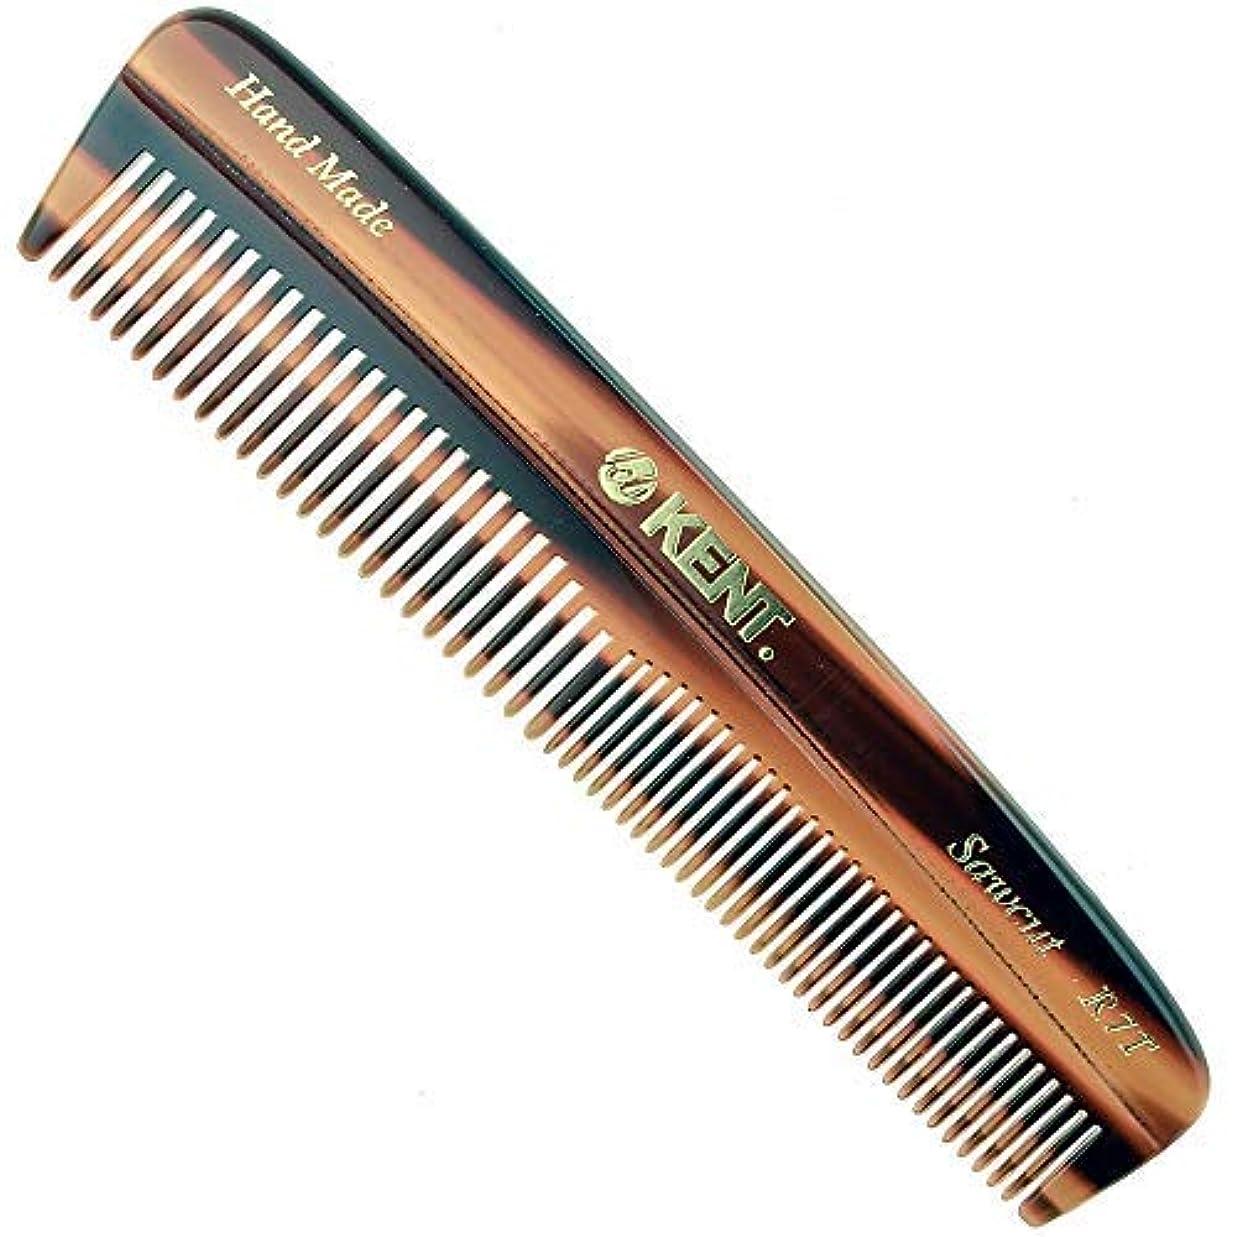 折クレーターKent R7T - Men's/Women's Coarse and Fine Toothed Small Travel Pocket Comb 130mm/5.63